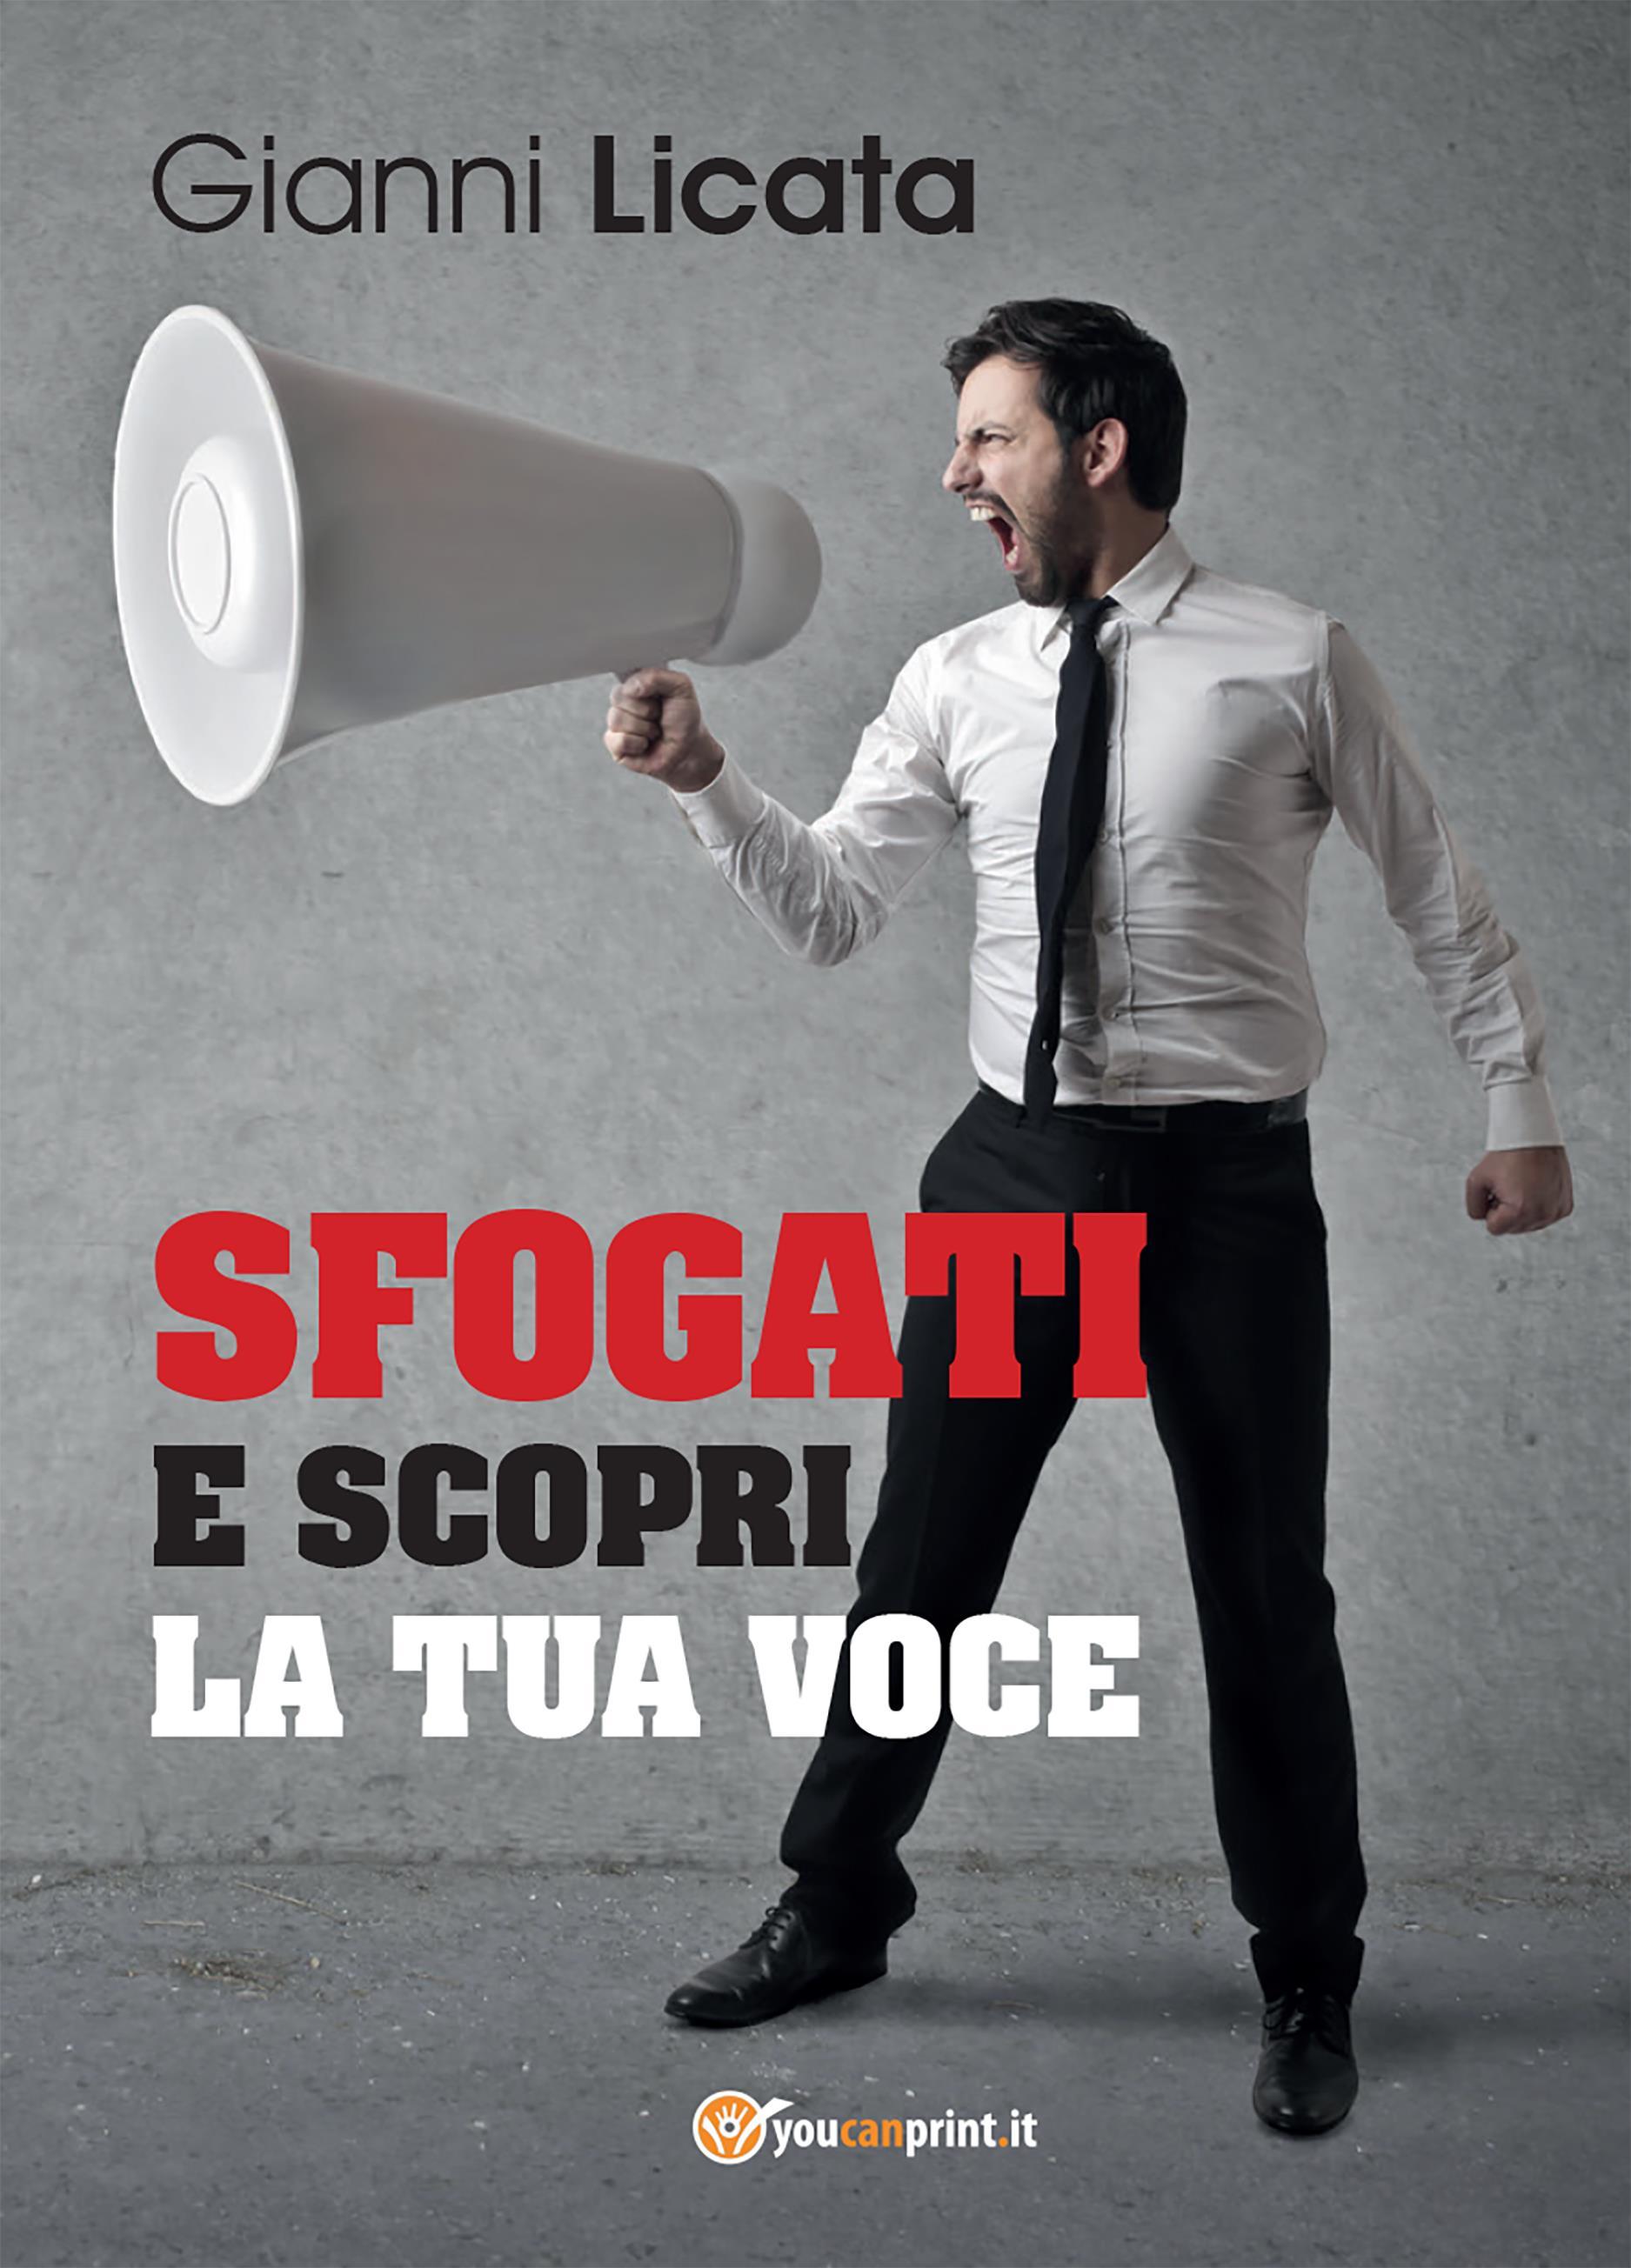 Sfogati e scopri la tua voce